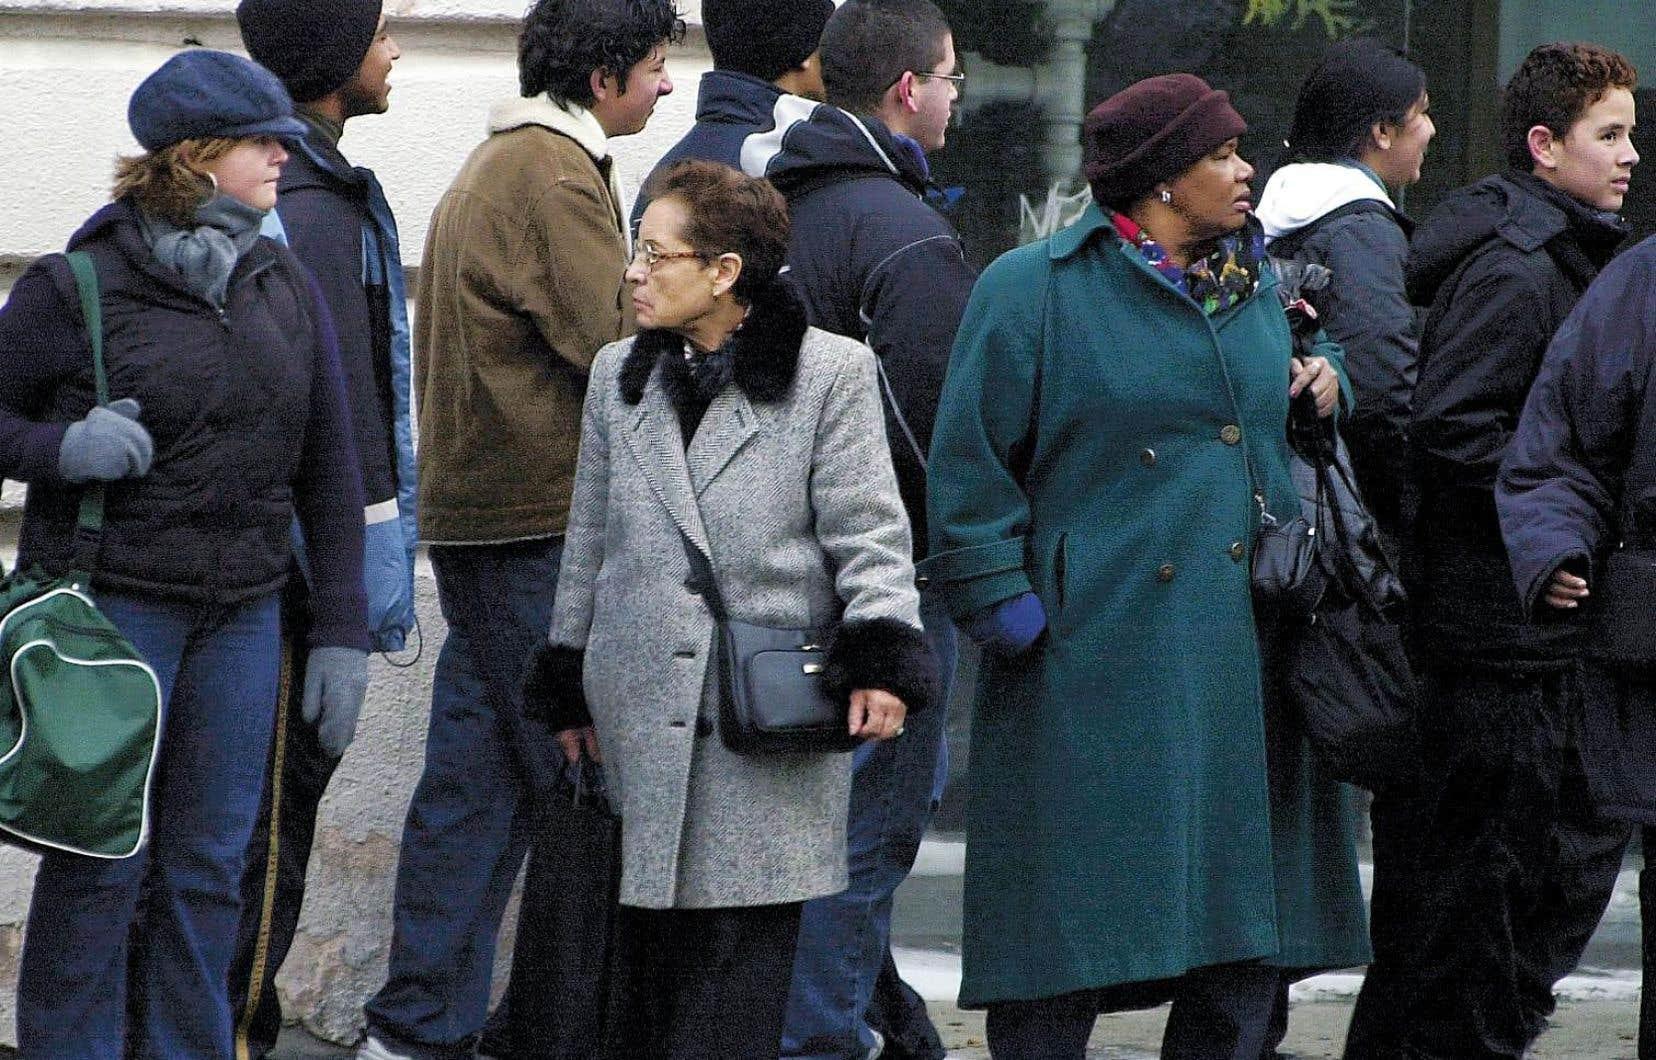 Les études indiquent qu'au Québec, nombre d'immigrants occupent des emplois pour lesquels ils sont trop qualifiés.